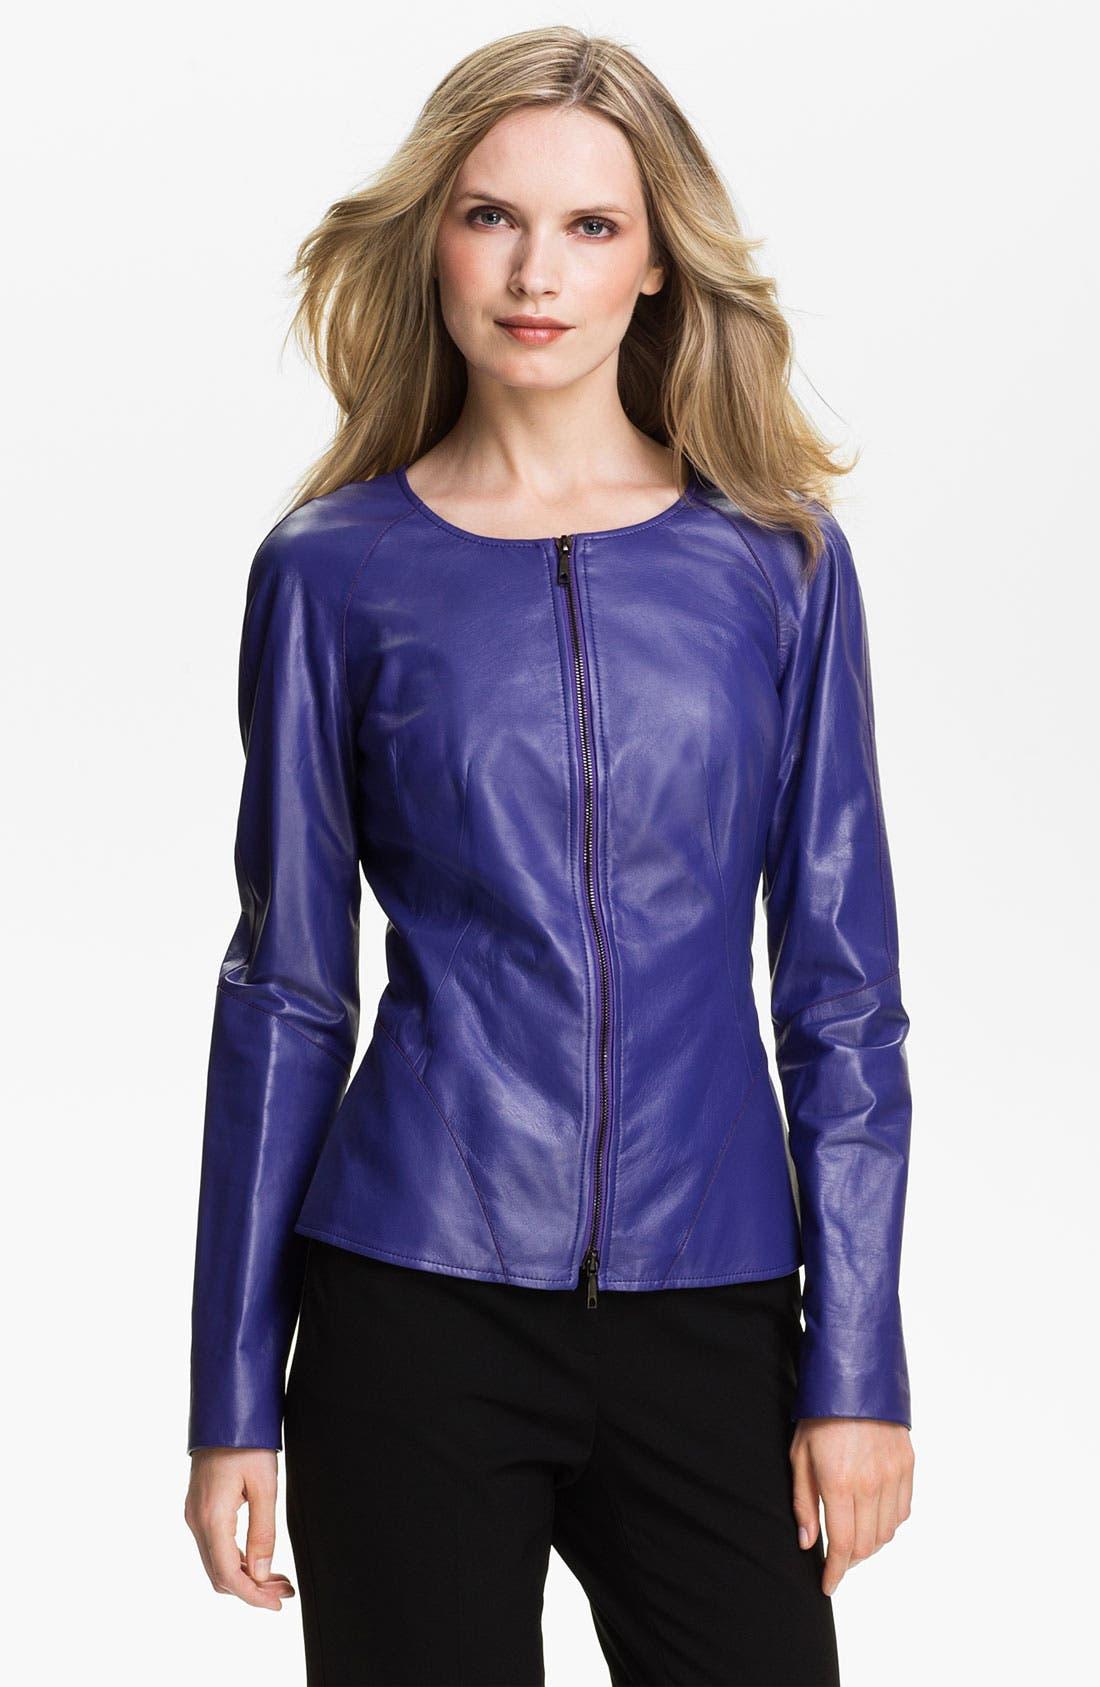 Alternate Image 1 Selected - Lafayette 148 New York Leather Moto Jacket